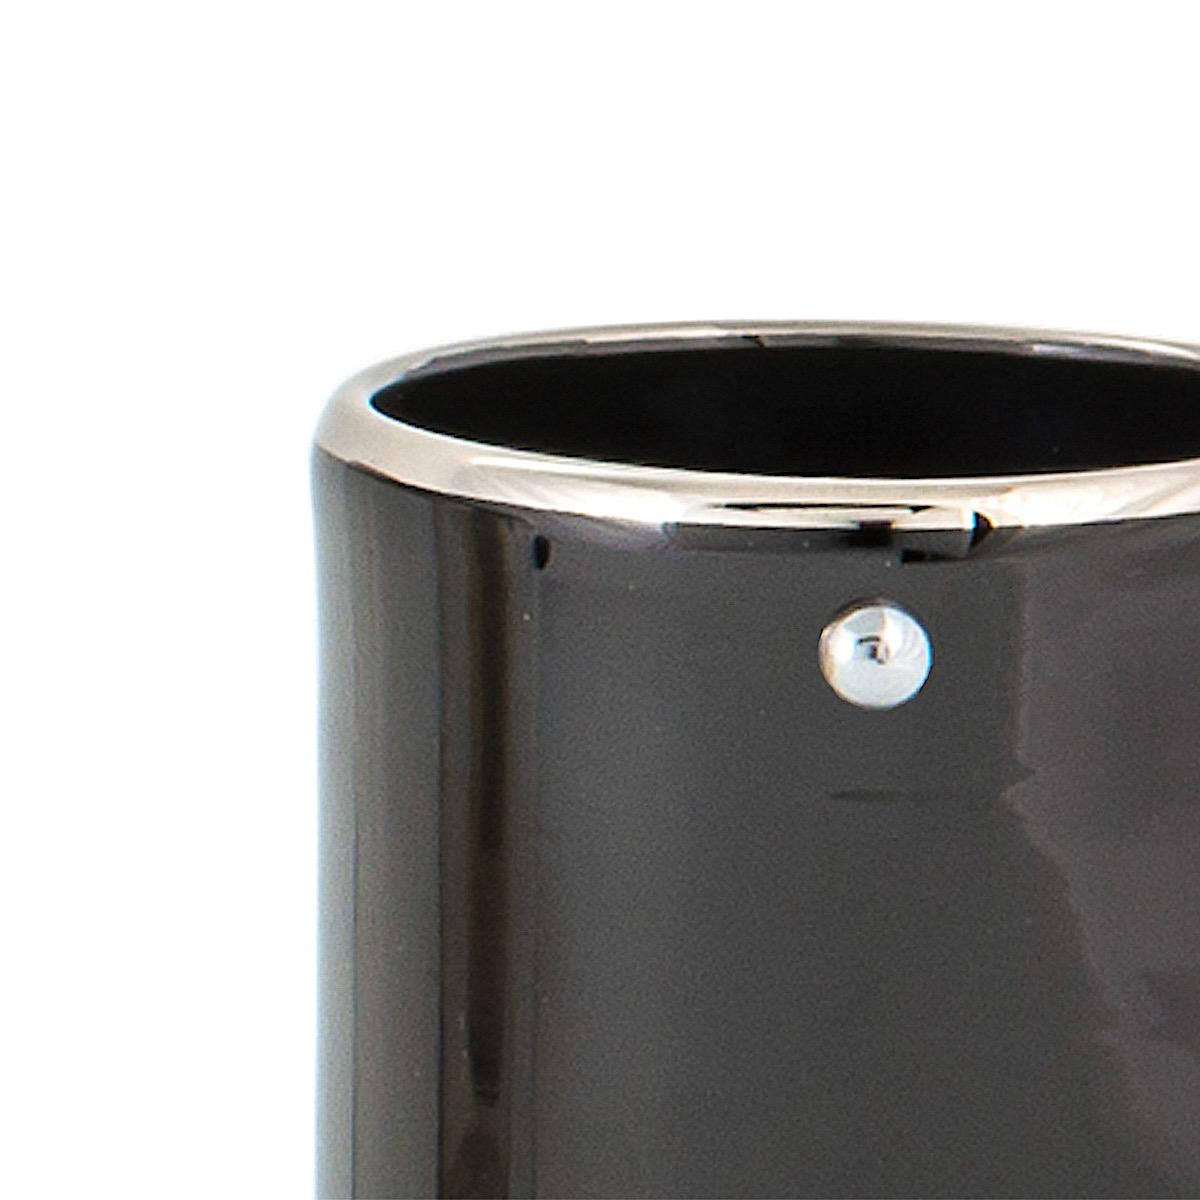 jai-glass-ambient-black-handmade-murano-design-platinum-luxury-detail